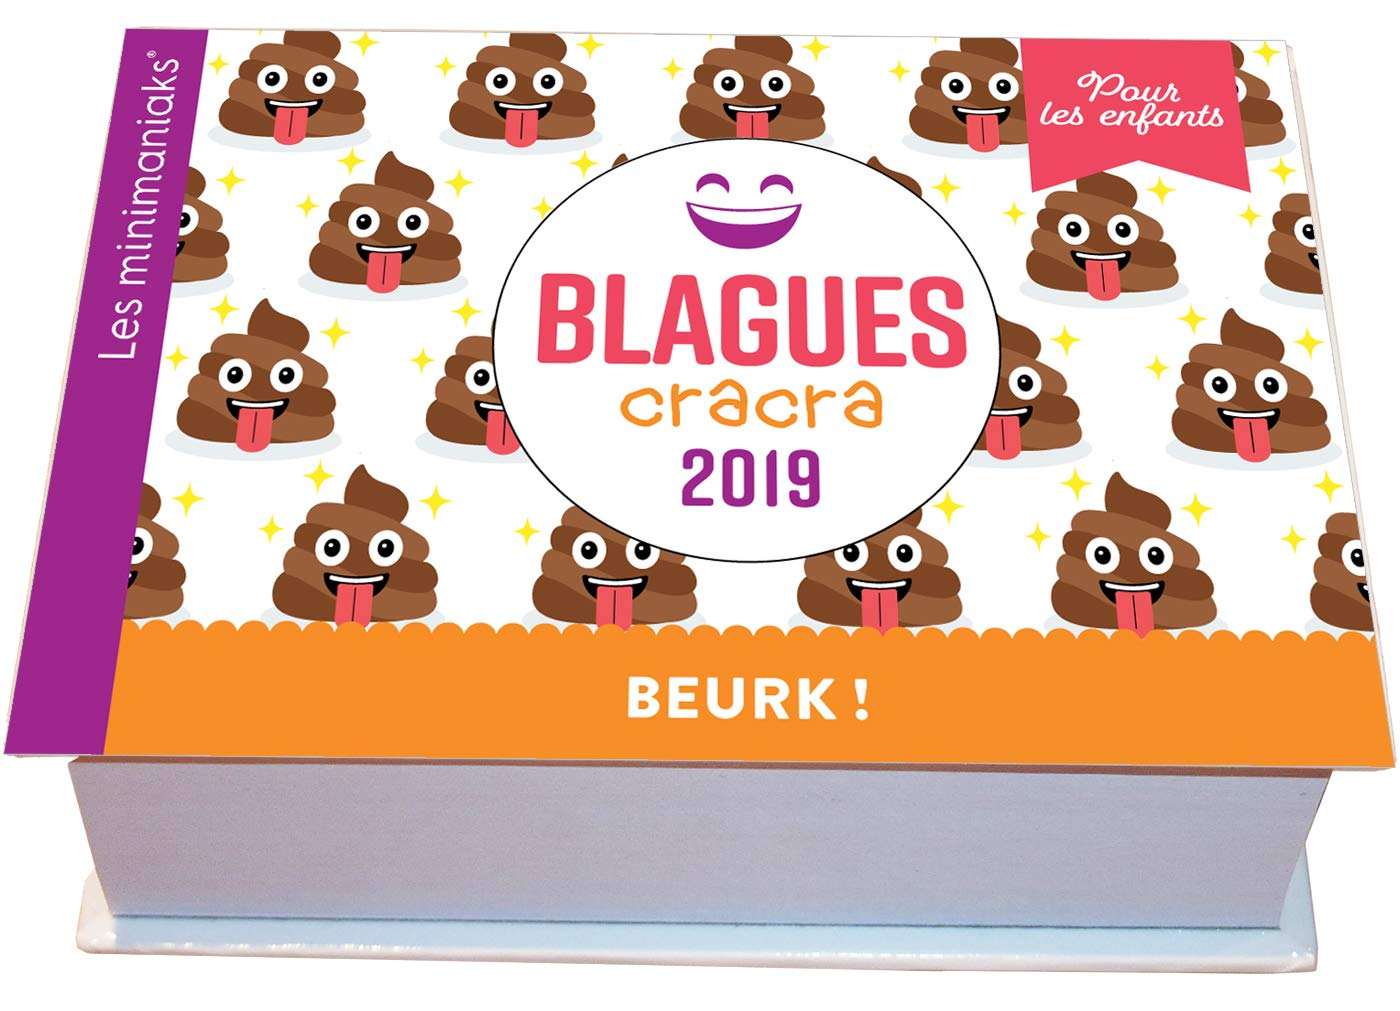 Minimaniak Blagues cracra pour les enfants 2019 Poche – 10 octobre 2018 Collectif Editions 365 2377611141 Humour